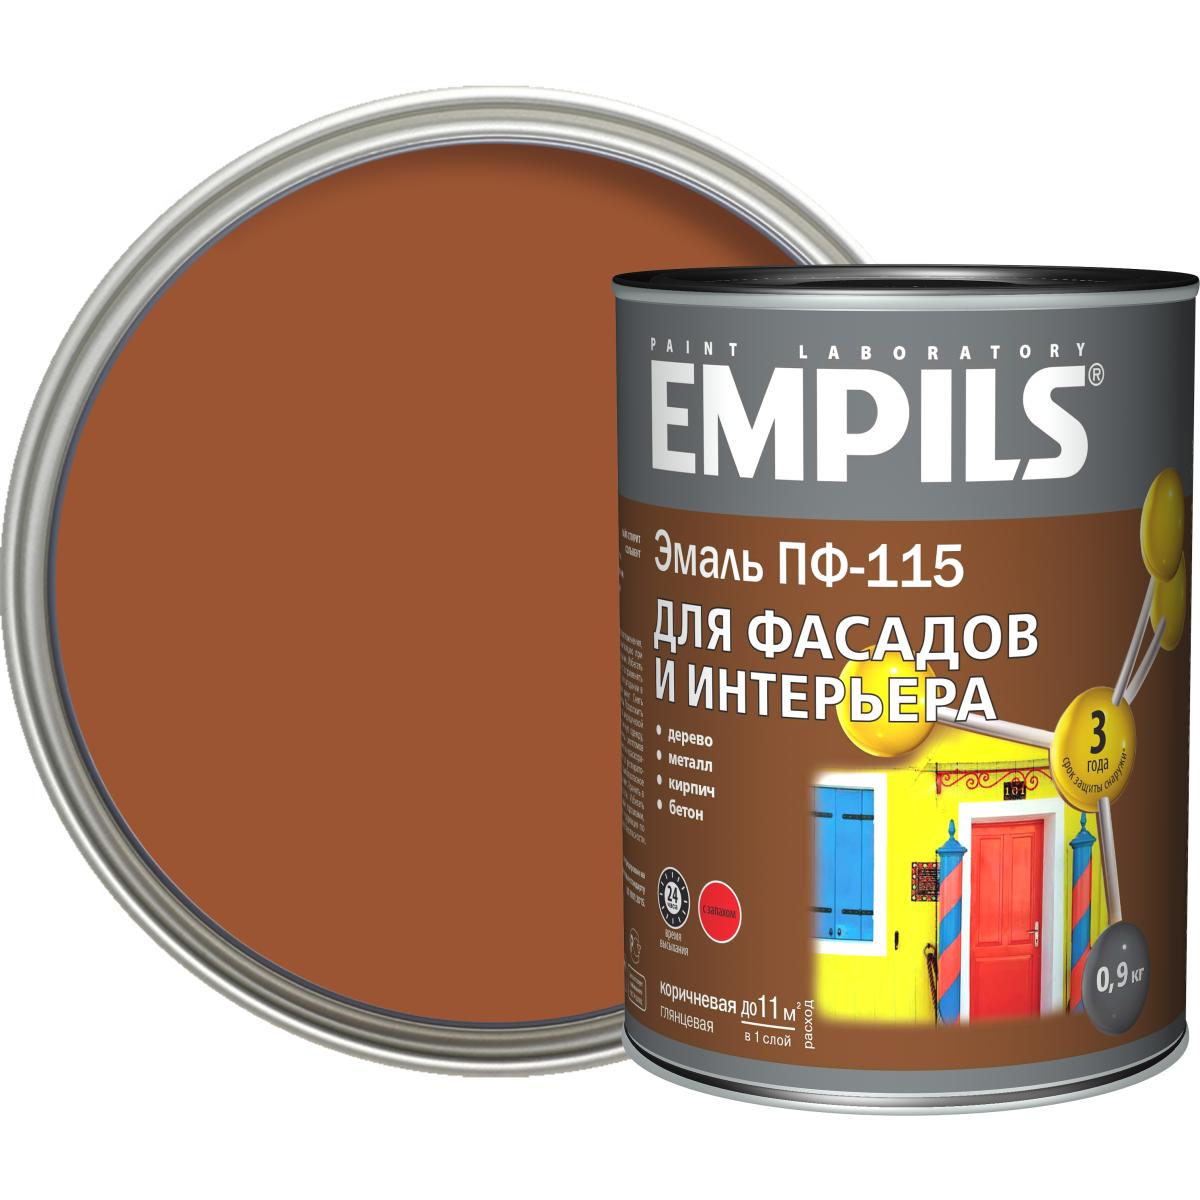 Эмаль ПФ-115 Empils PL цвет коричневый 0.9 кг